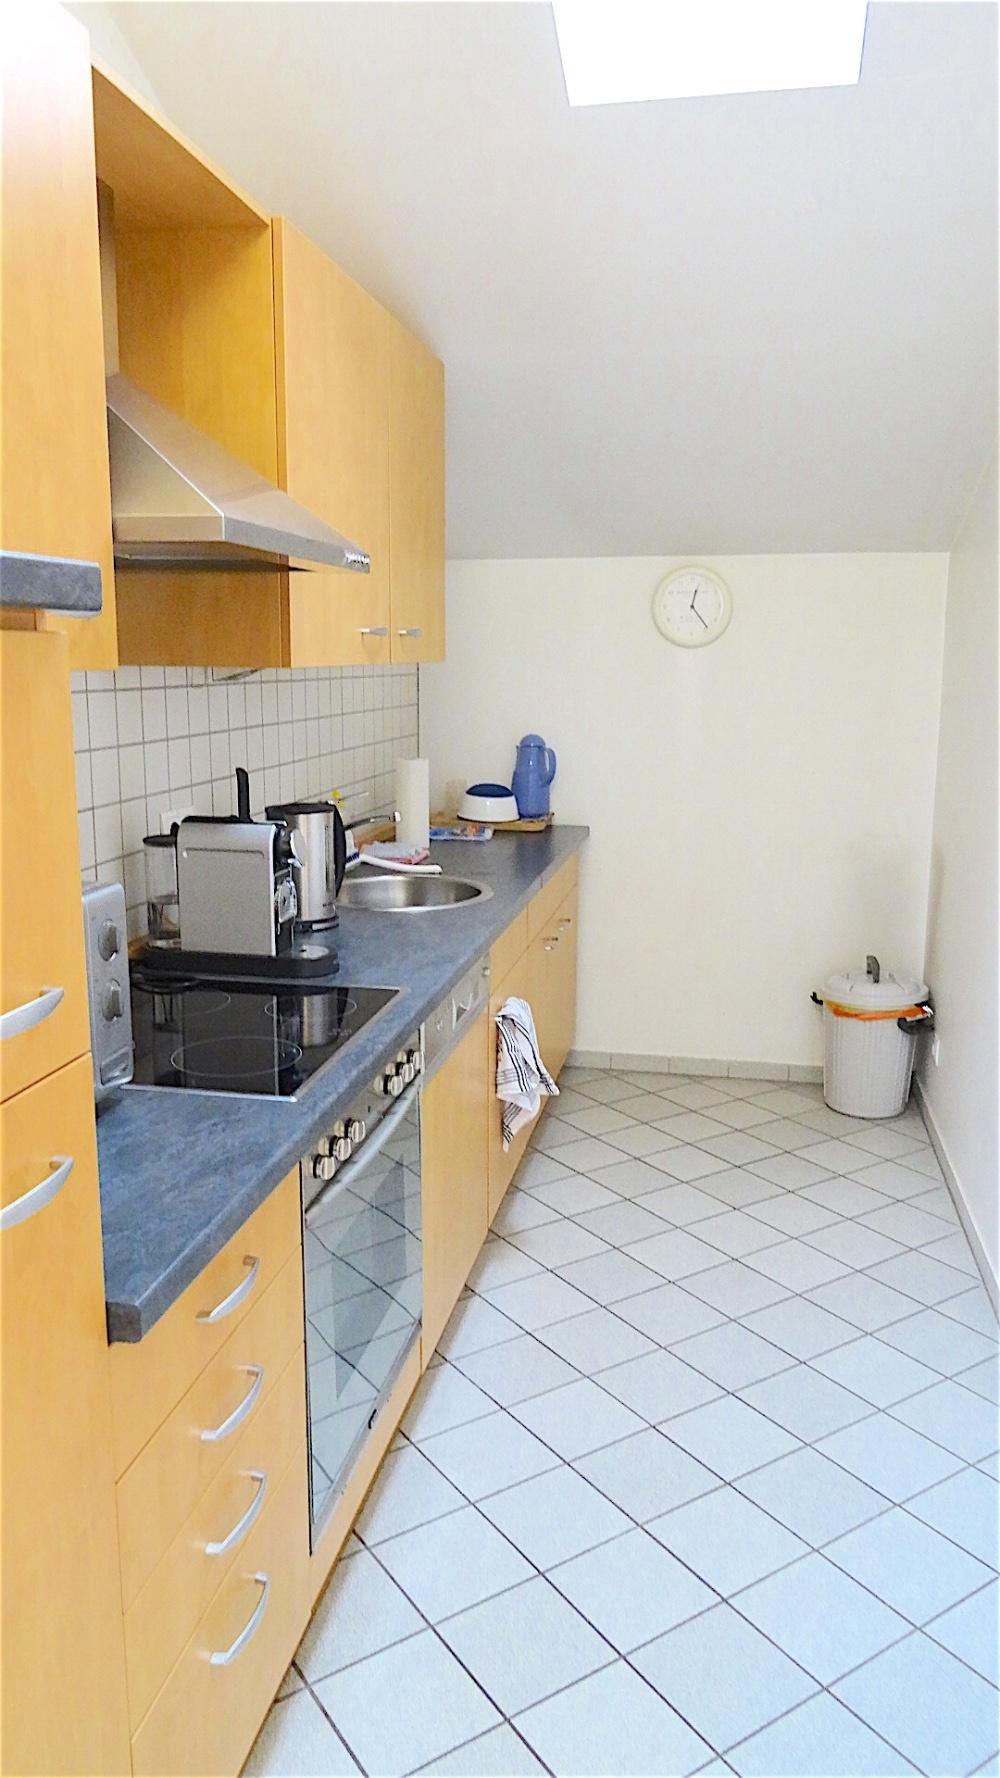 04 Küche